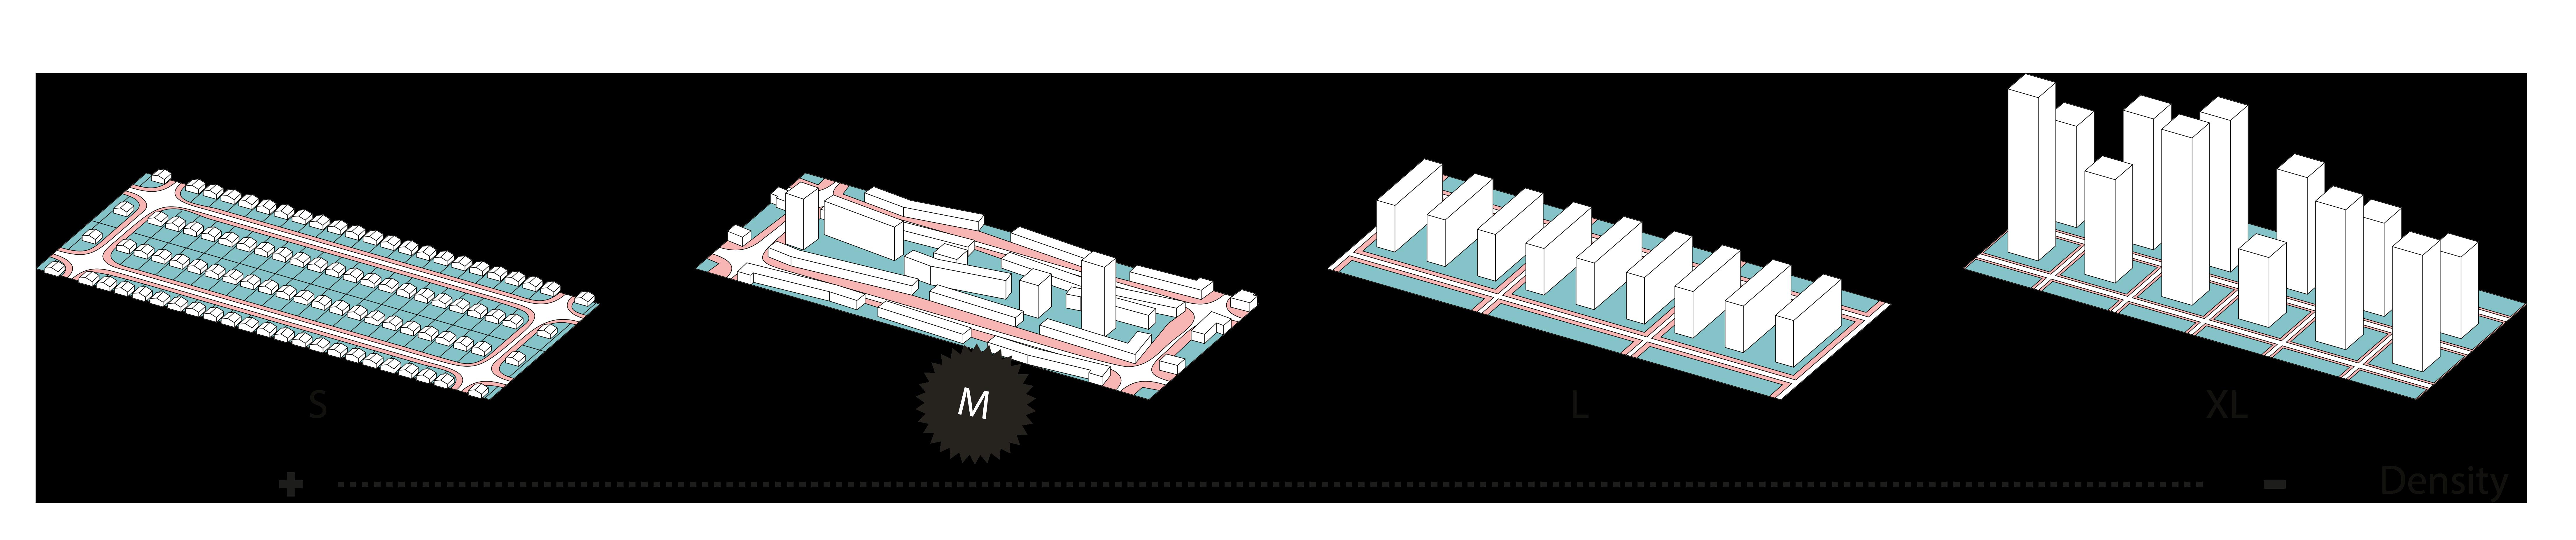 Diagram-Density